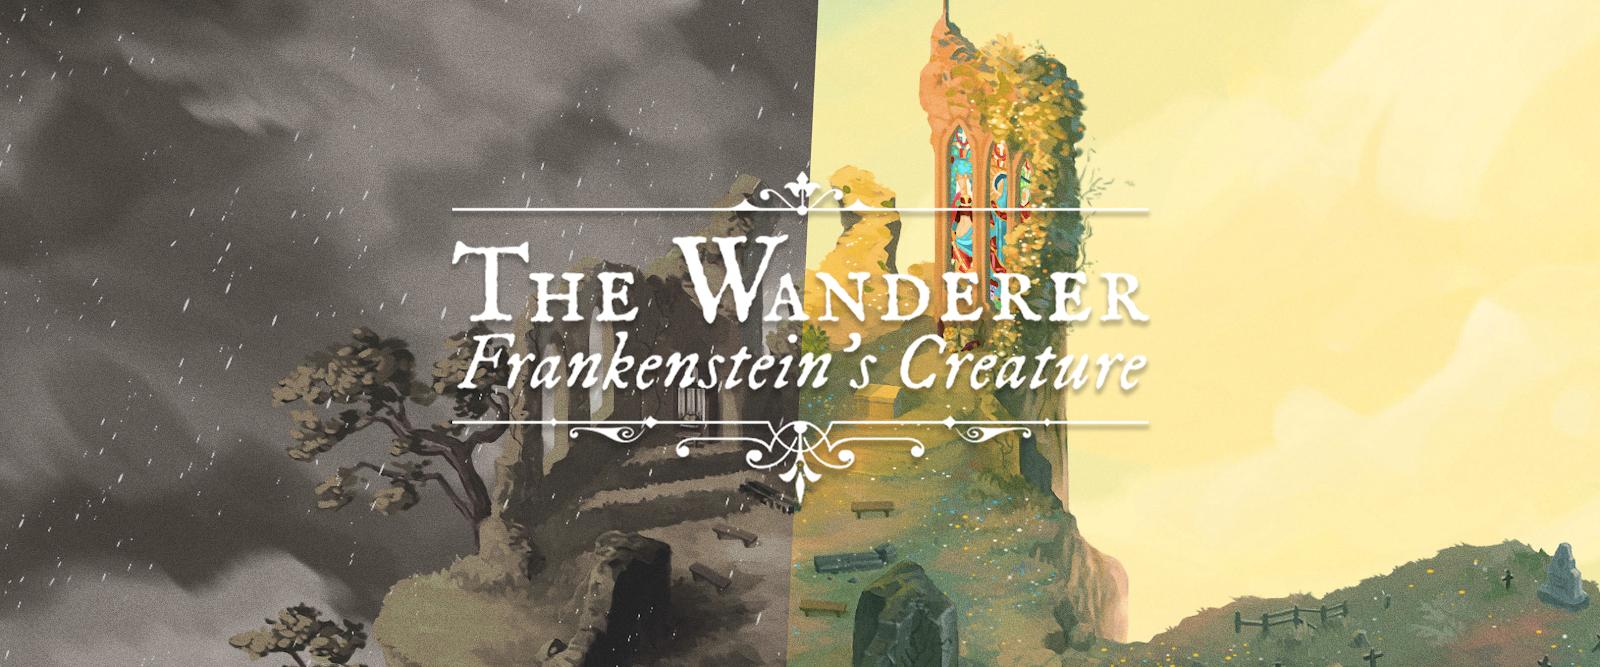 صورة لعبة المغامرات الرائعة The Wanderer: Frankenstein's Creature قريبًا قادمة على أندرويد